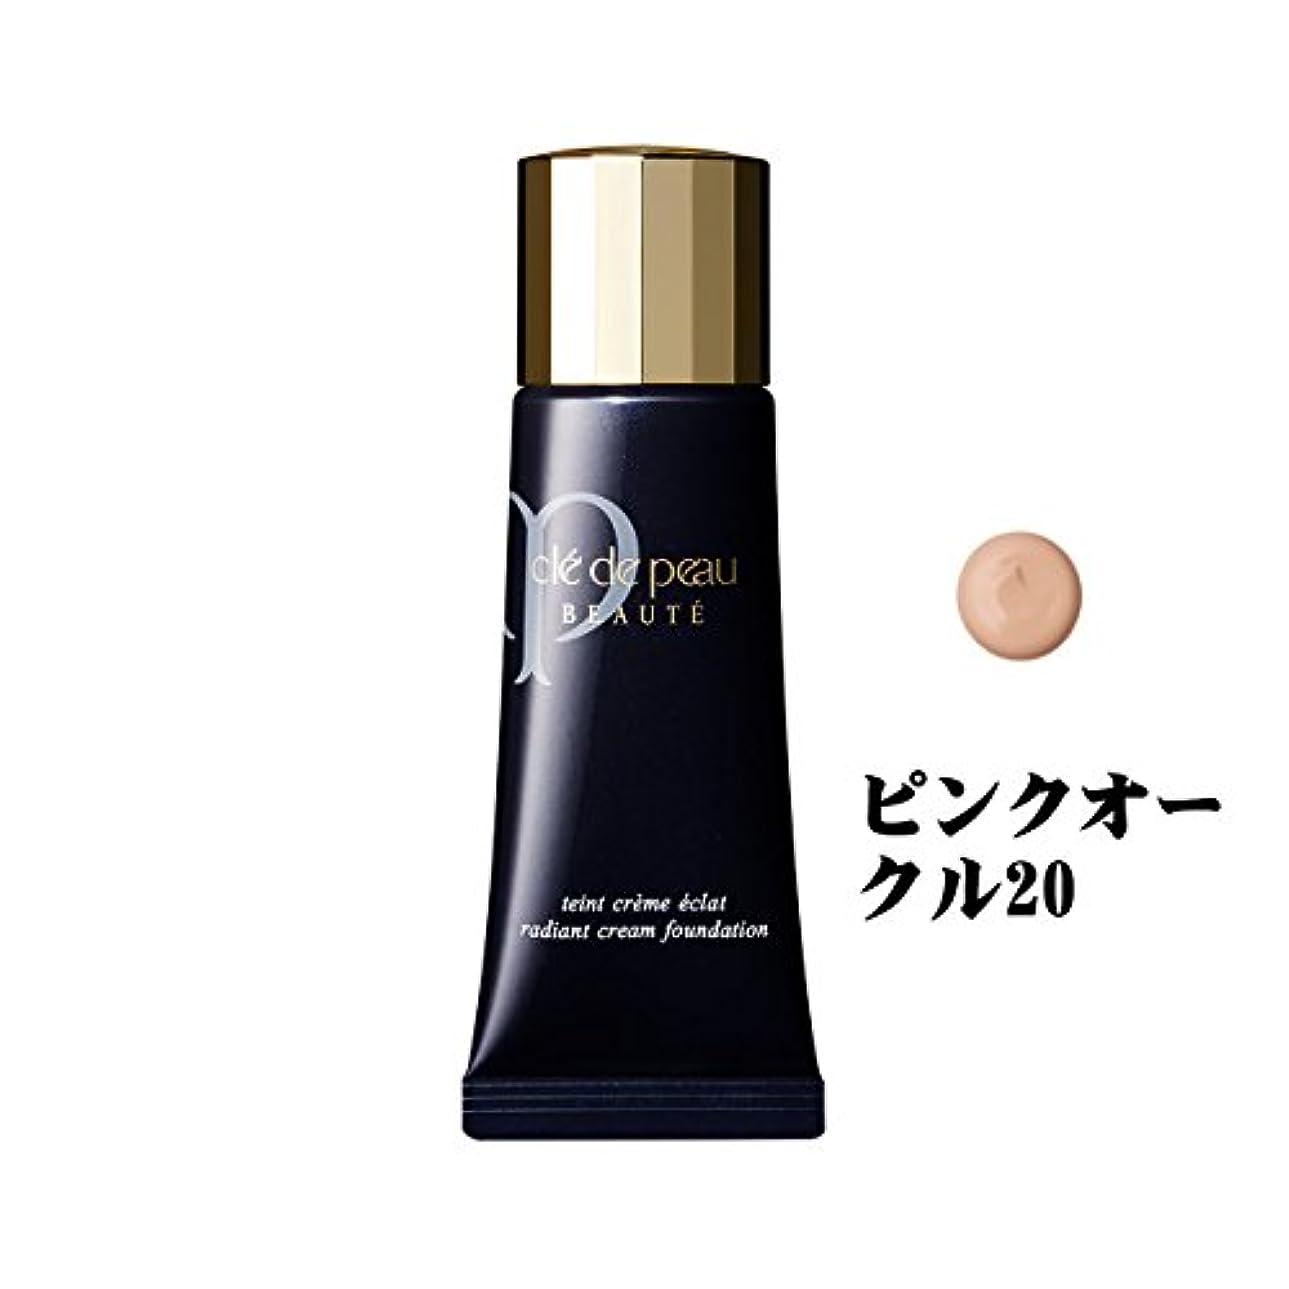 オリエント凝縮する未満資生堂/shiseido クレドポーボーテ/CPB タンクレームエクラ クリームタイプ SPF25?PA++ ピンクオークル20